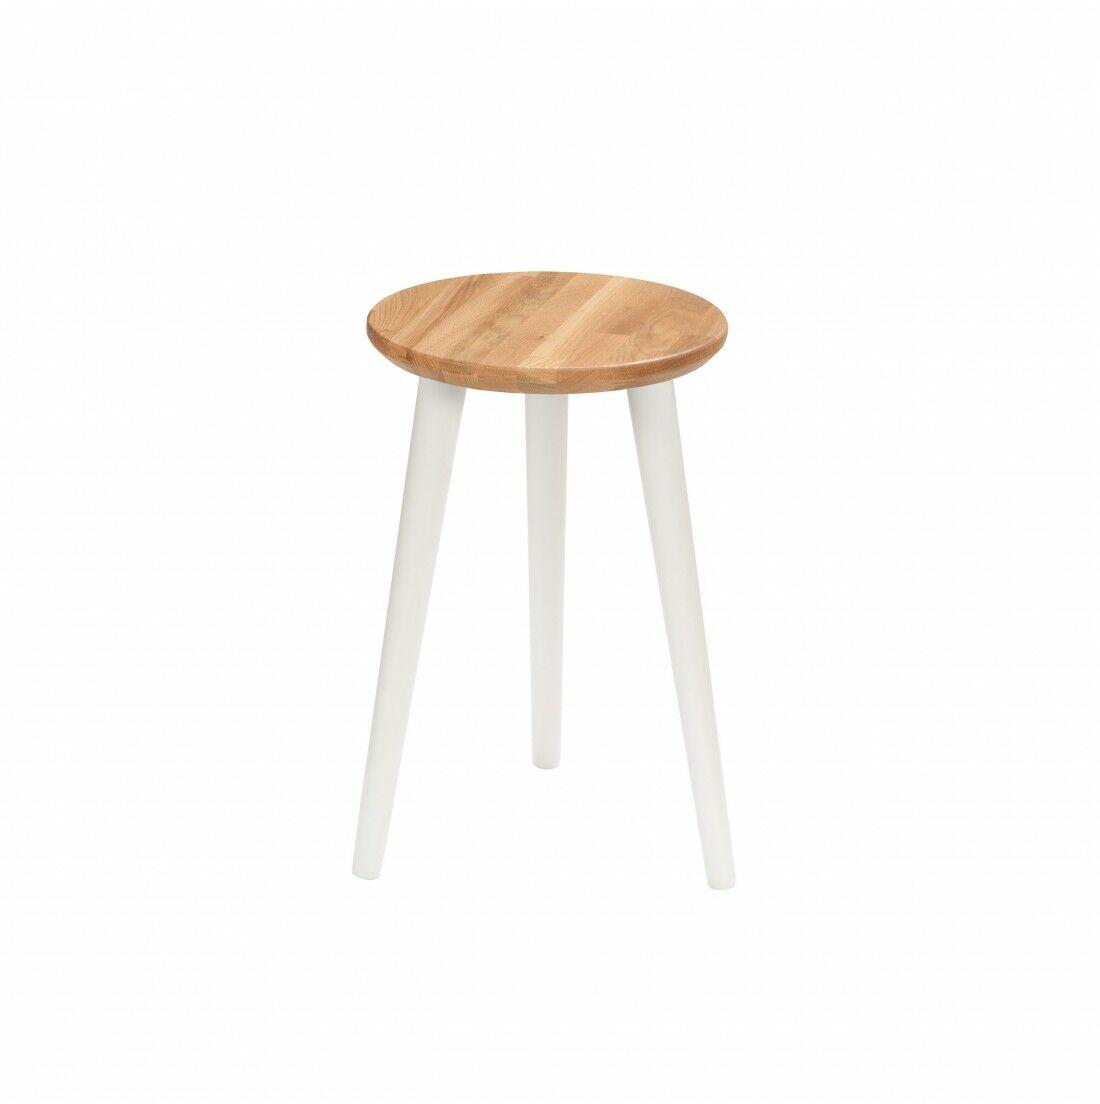 Taboret lub hocker okrągły z litego dębu Modern Oak, Wykończenie nogi - Biały, Wysokość - 470, Wymiar siedziska (Średnica) - 300